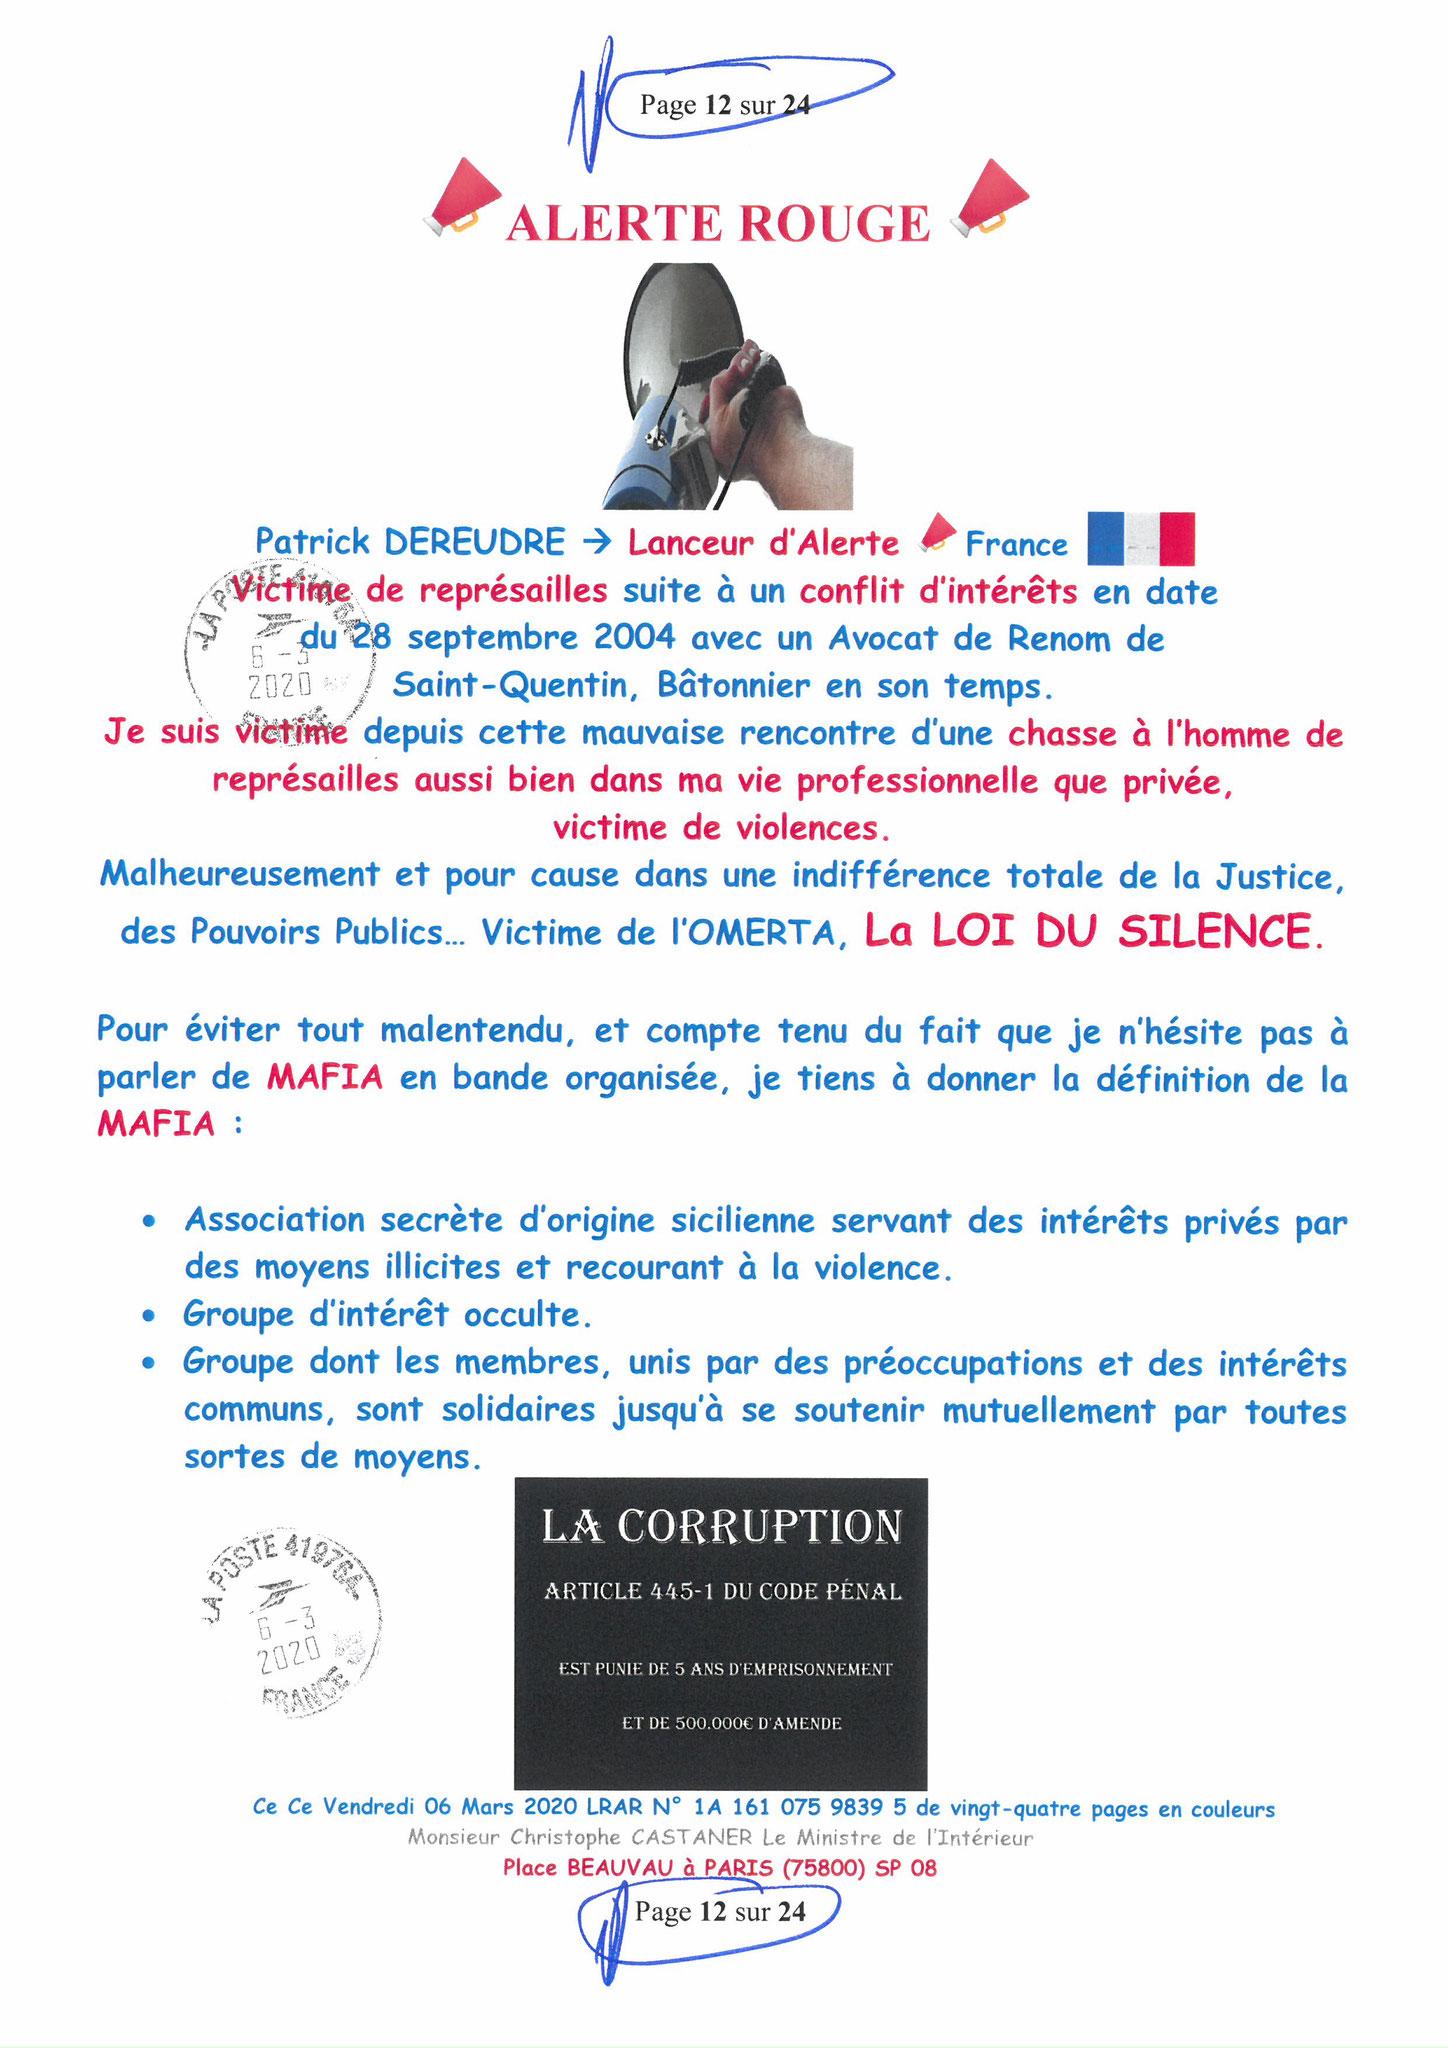 Ma LRAR à Monsieur le Ministre de l'Intérieur Christophe CASTANER N°1A 161 075 9839 5  Page 12 sur 24 en couleur du 06 Mars 2020  www.jesuispatrick.fr